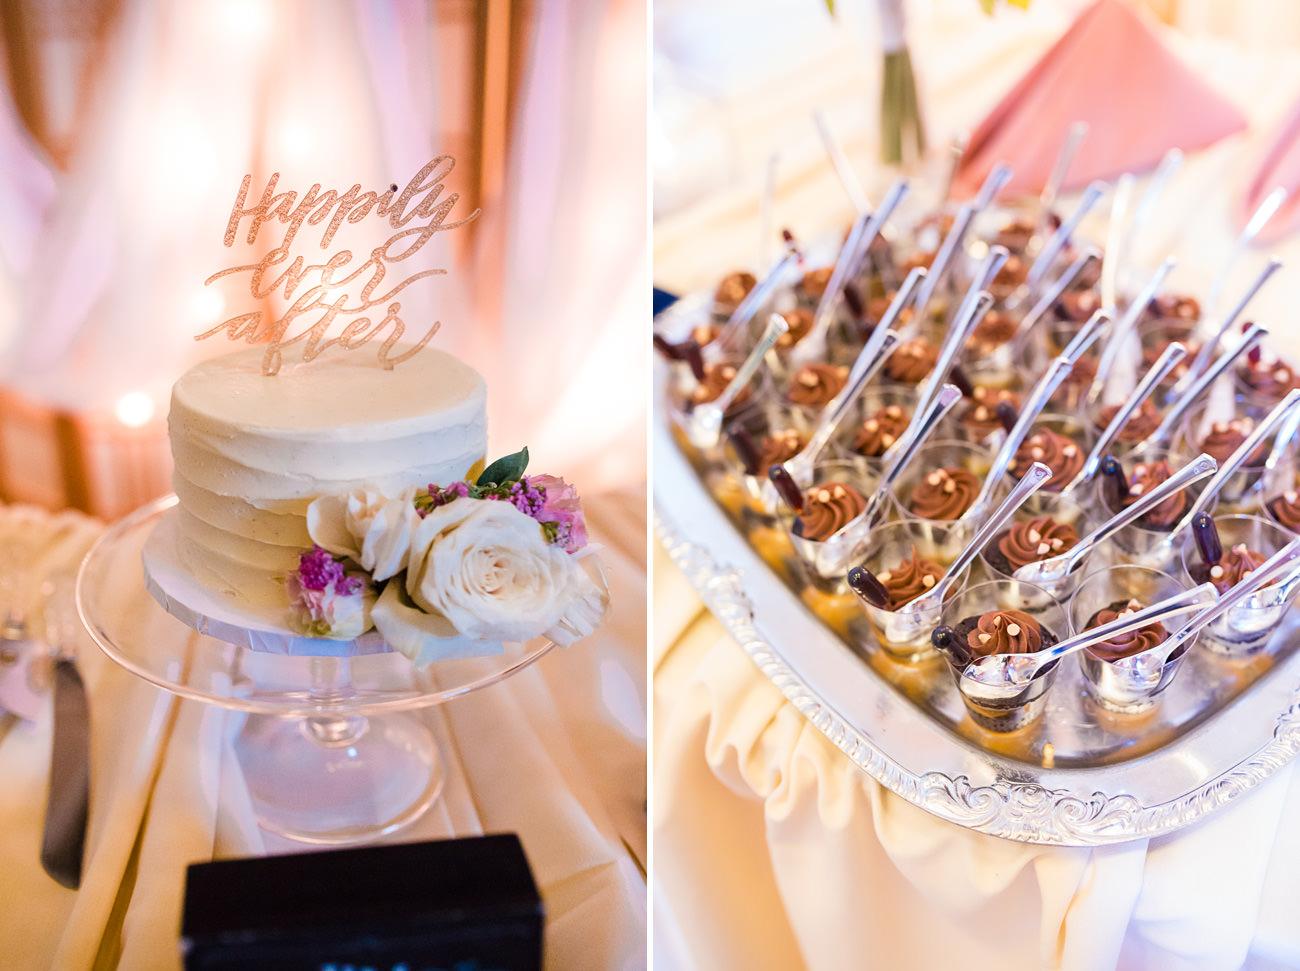 st-marys-catholic-wedding-25 St Marys Catholic Wedding   Eugene Oregon Photographer   Ariana & Chavo